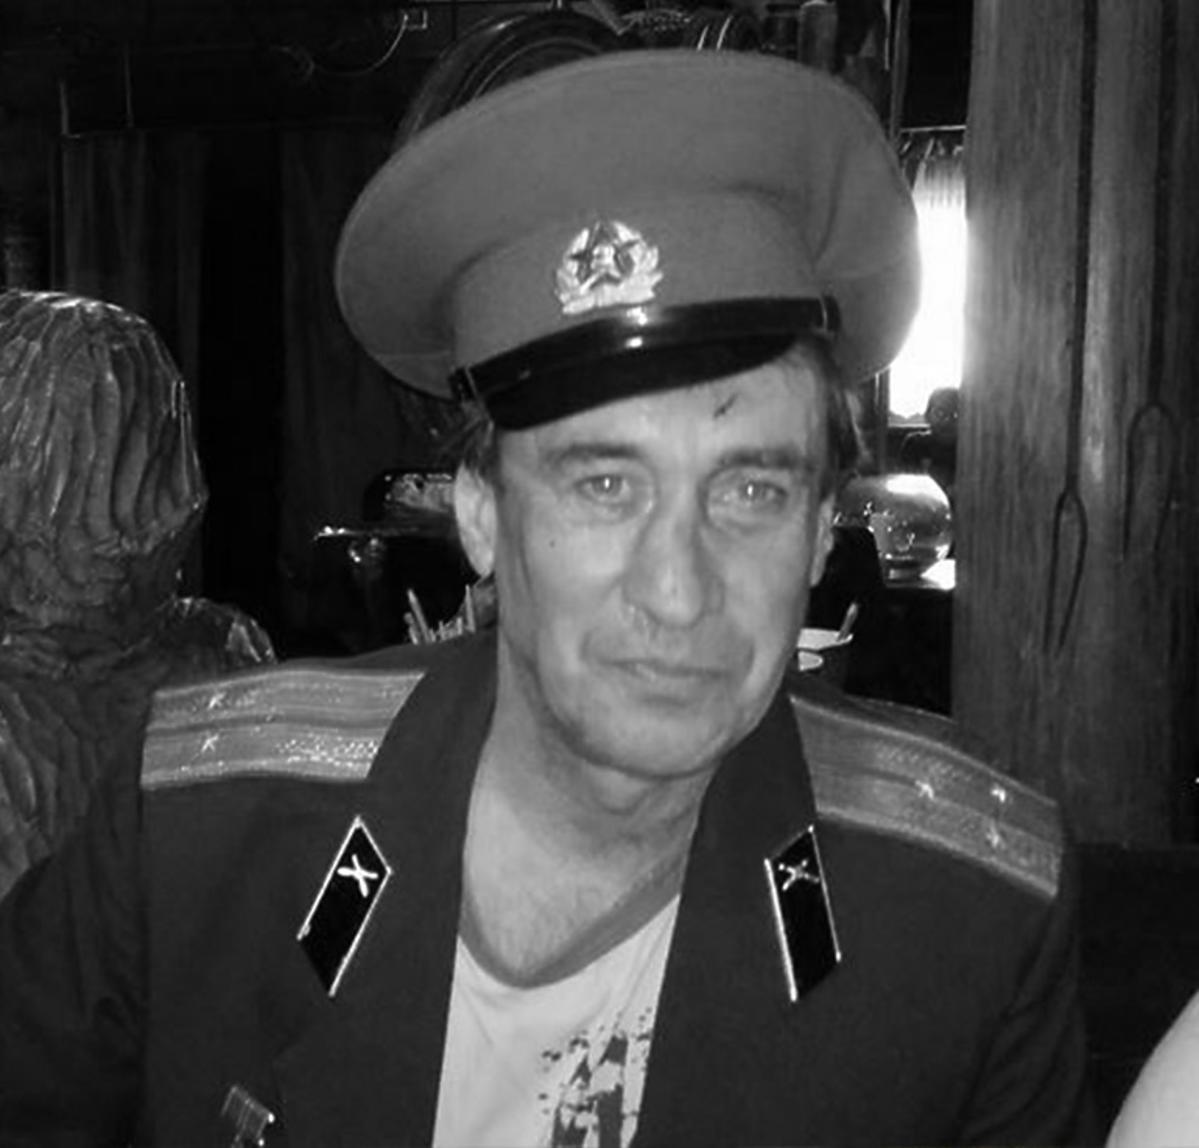 Oficer Wiesiek z